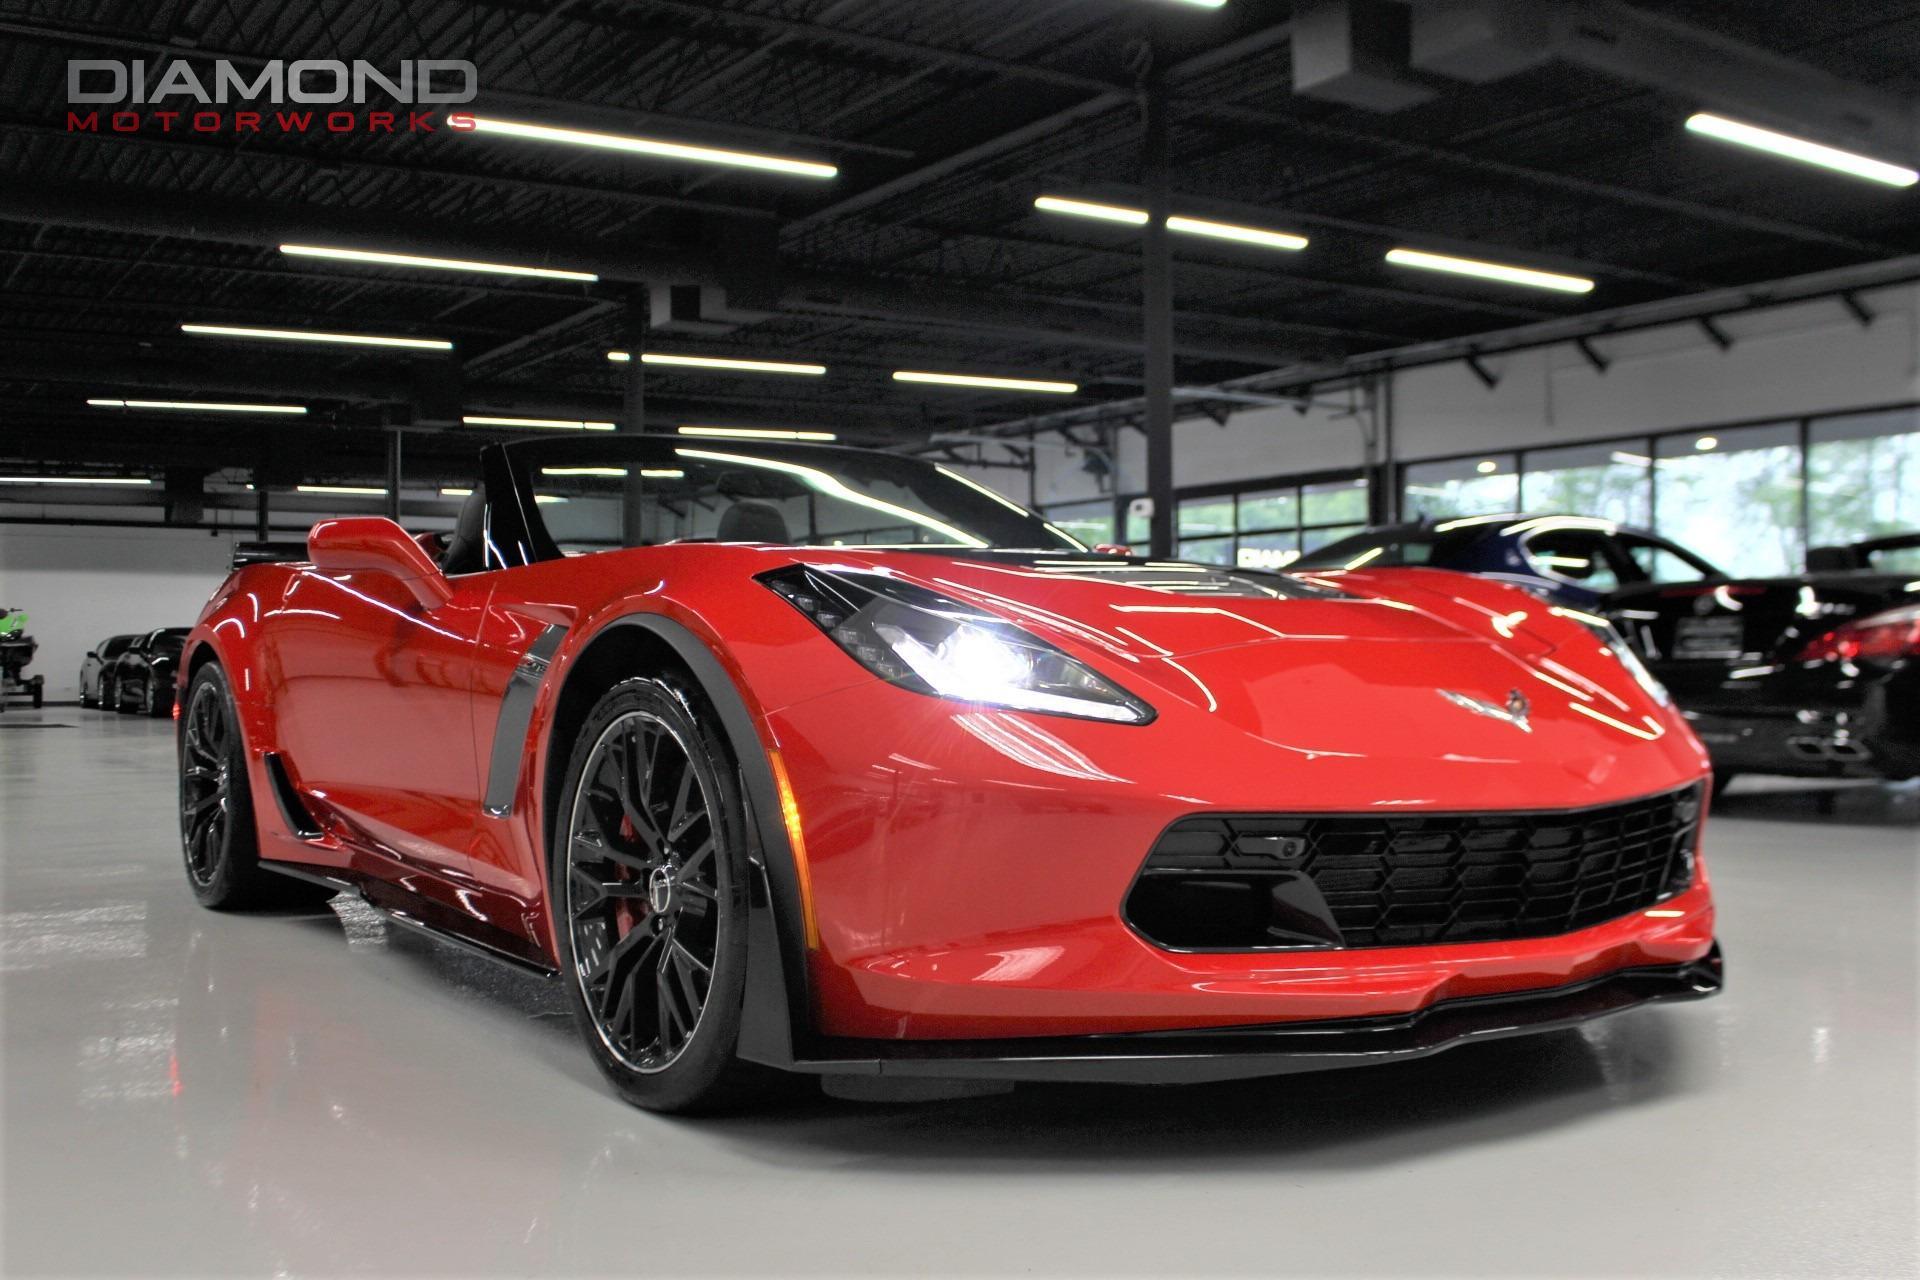 2016 Corvette Z07 >> 2016 Chevrolet Corvette Z06 3LZ Z07 Package Stock # 608436